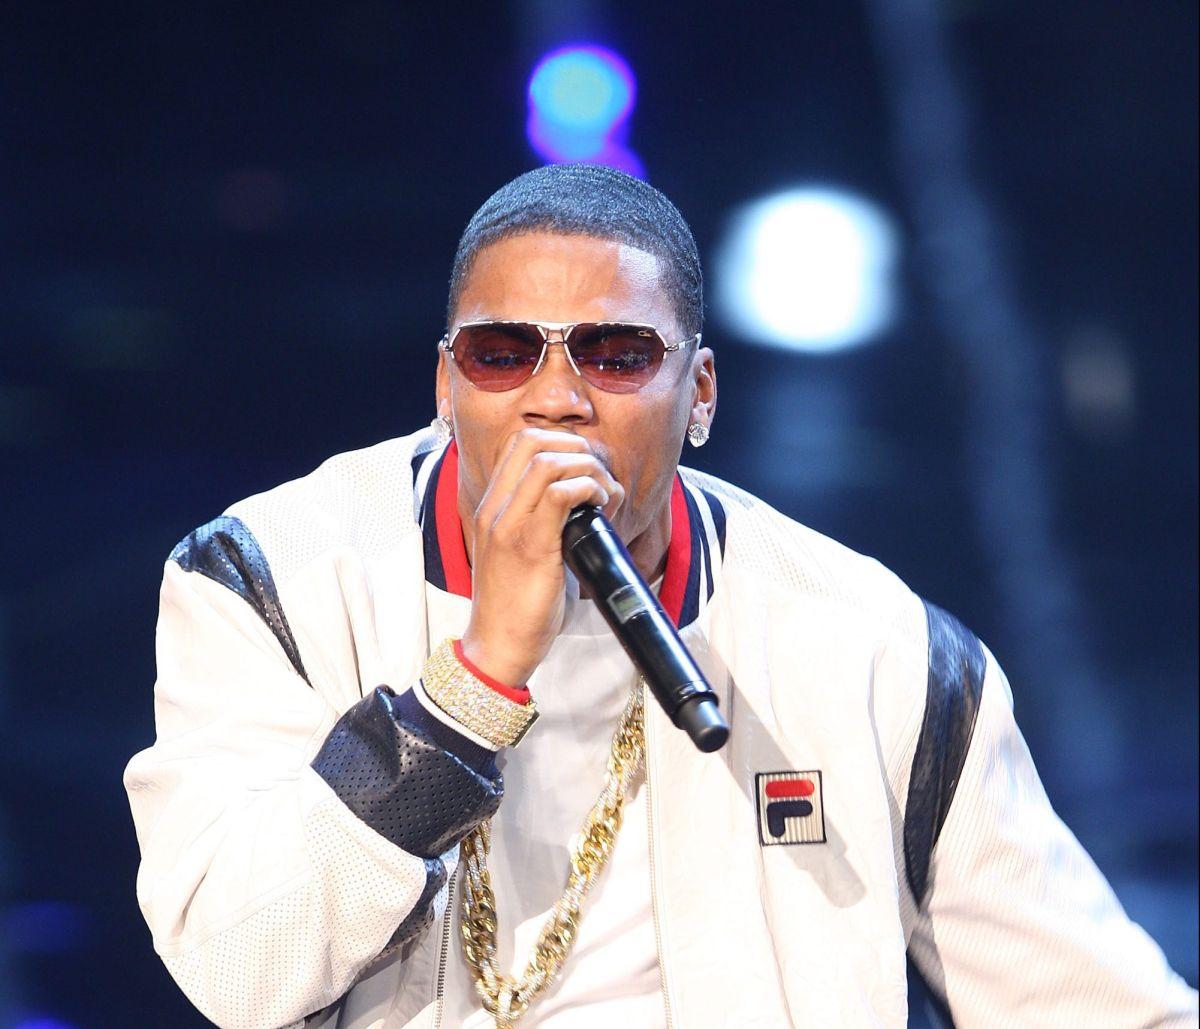 El rostro de Nelly aparece en una lata de edición limitada de Budweiser para celebrar 20 años de música